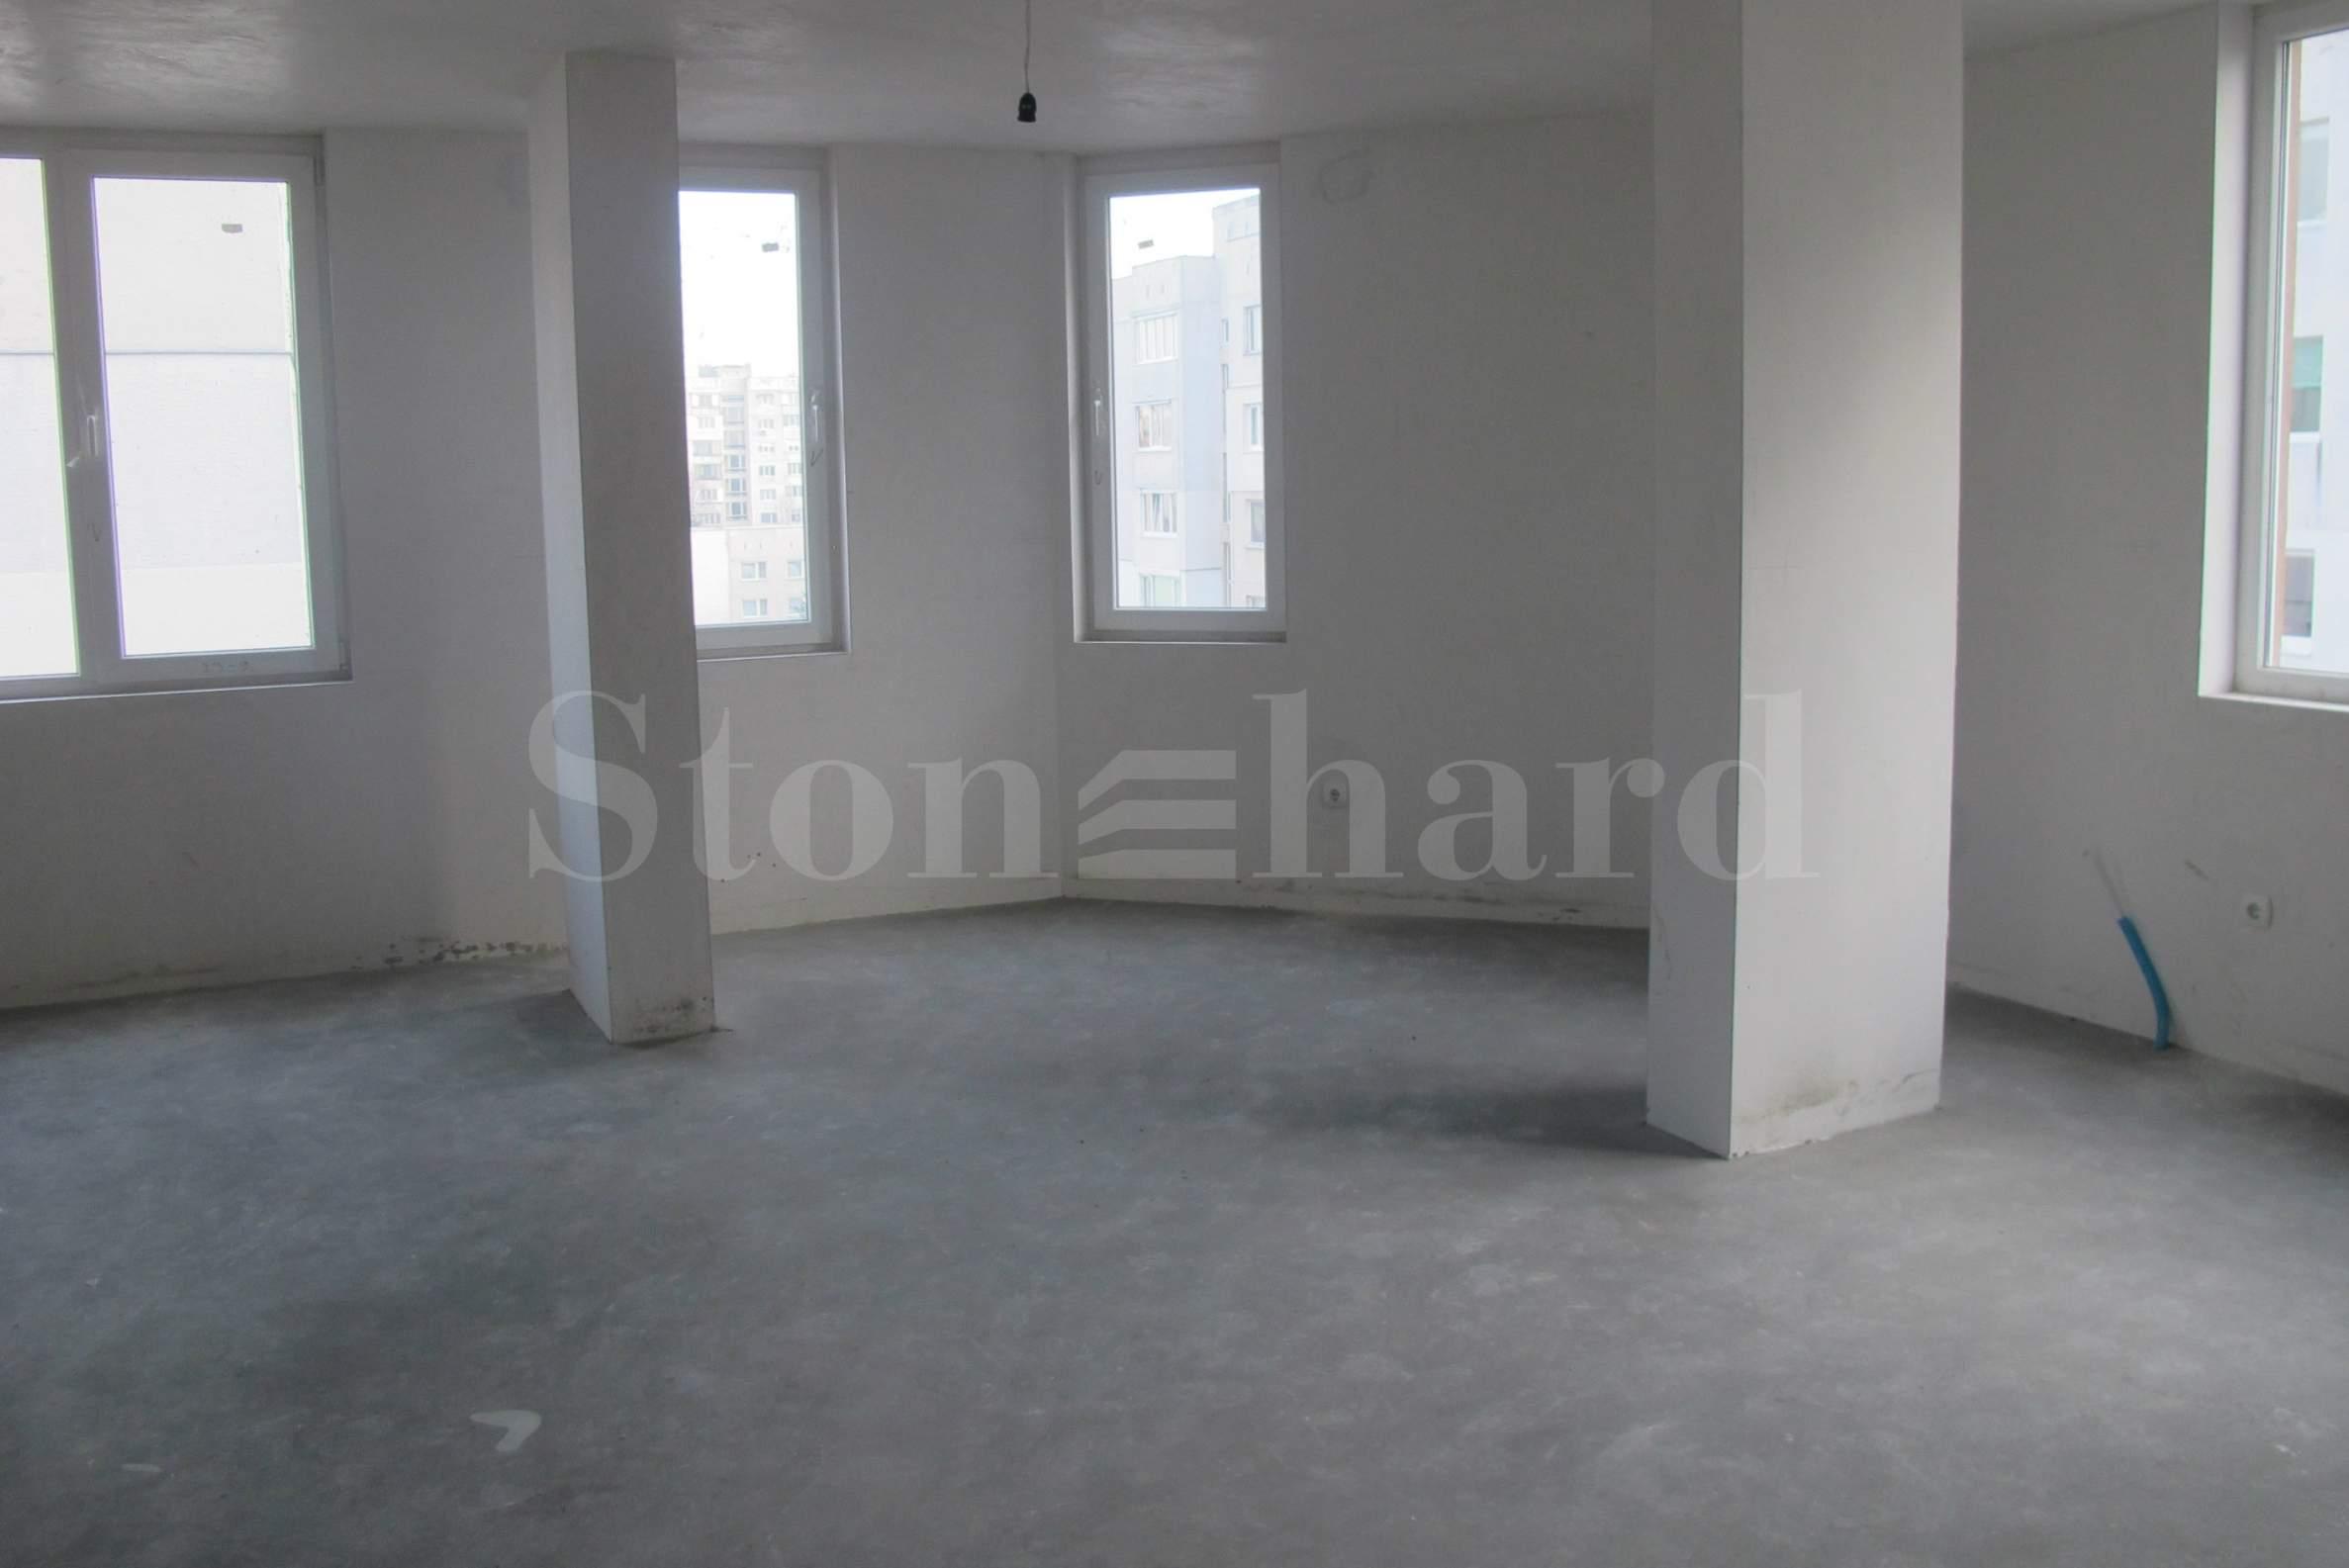 Хубави жилища с добра локация, на метри от мол и метростанция2 - Stonehard